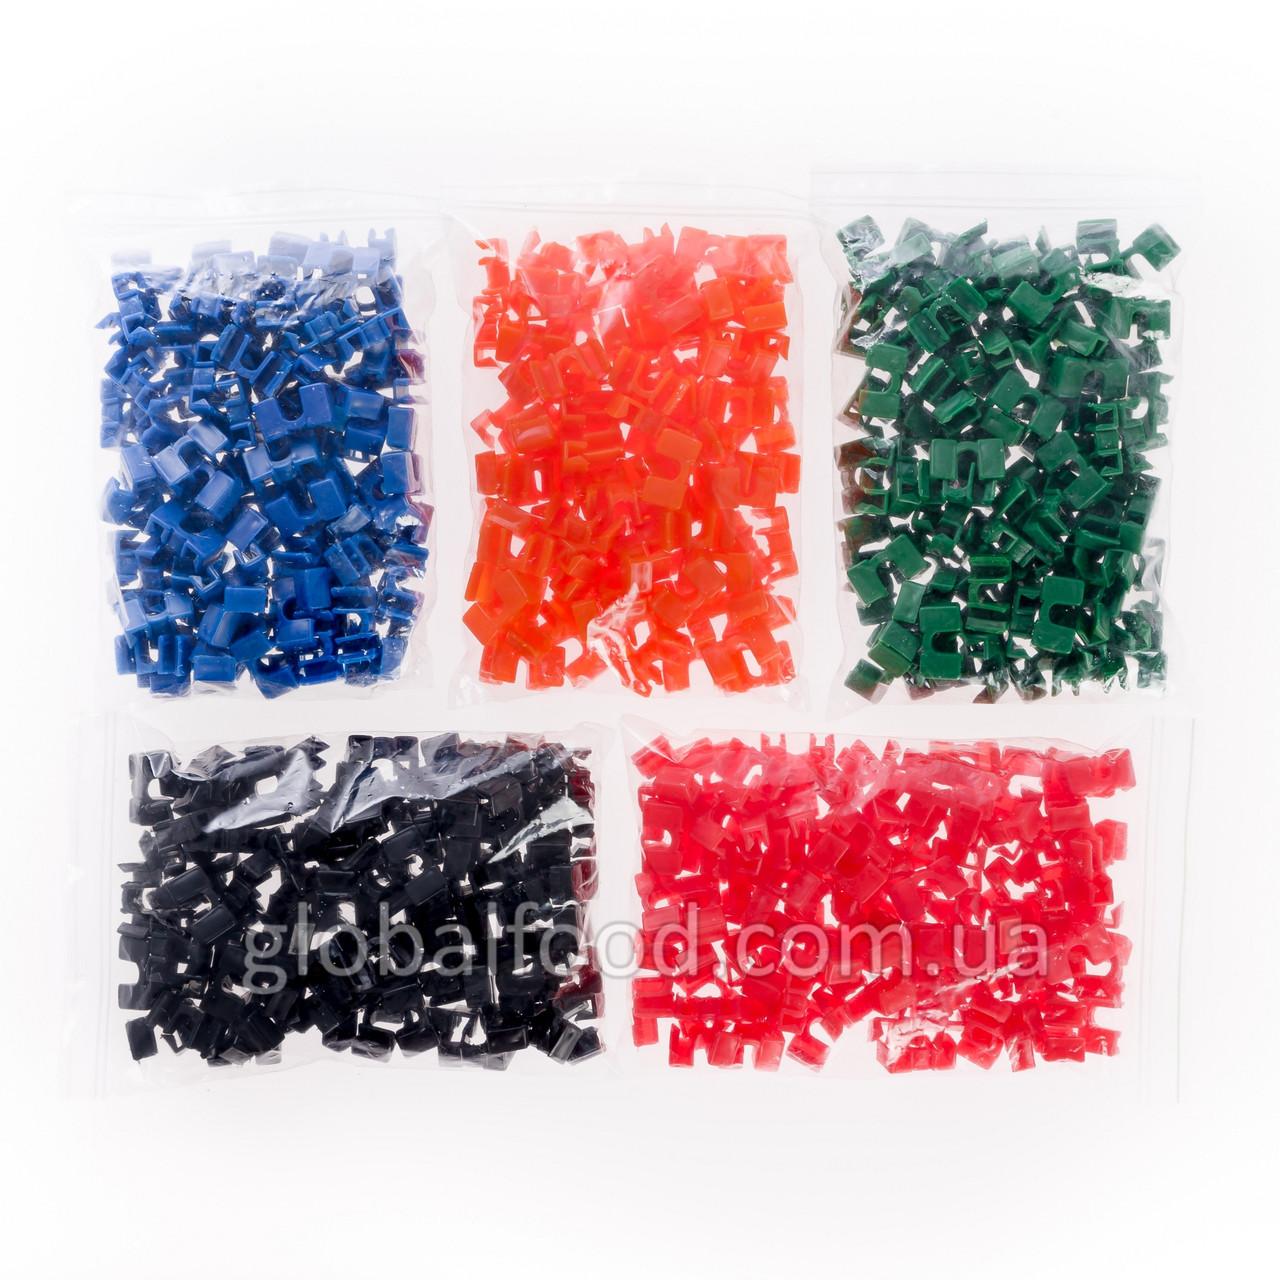 Держатели для Палочек Разноцветные Пластиковые (Зажимы)  (100 шт/уп.)